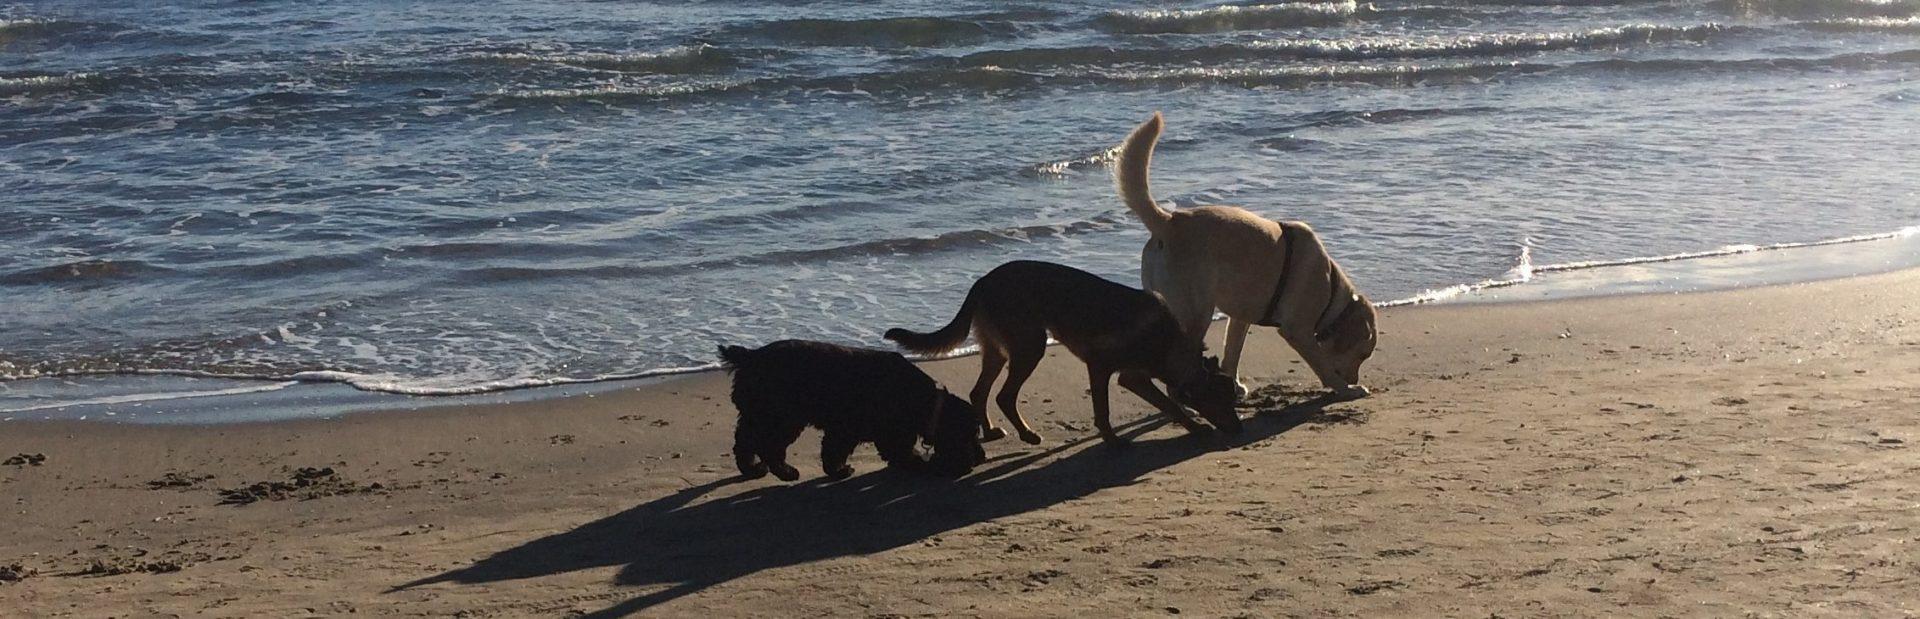 Educateur Comportementementaliste Canin à Domicile – Diplômé d'Etat